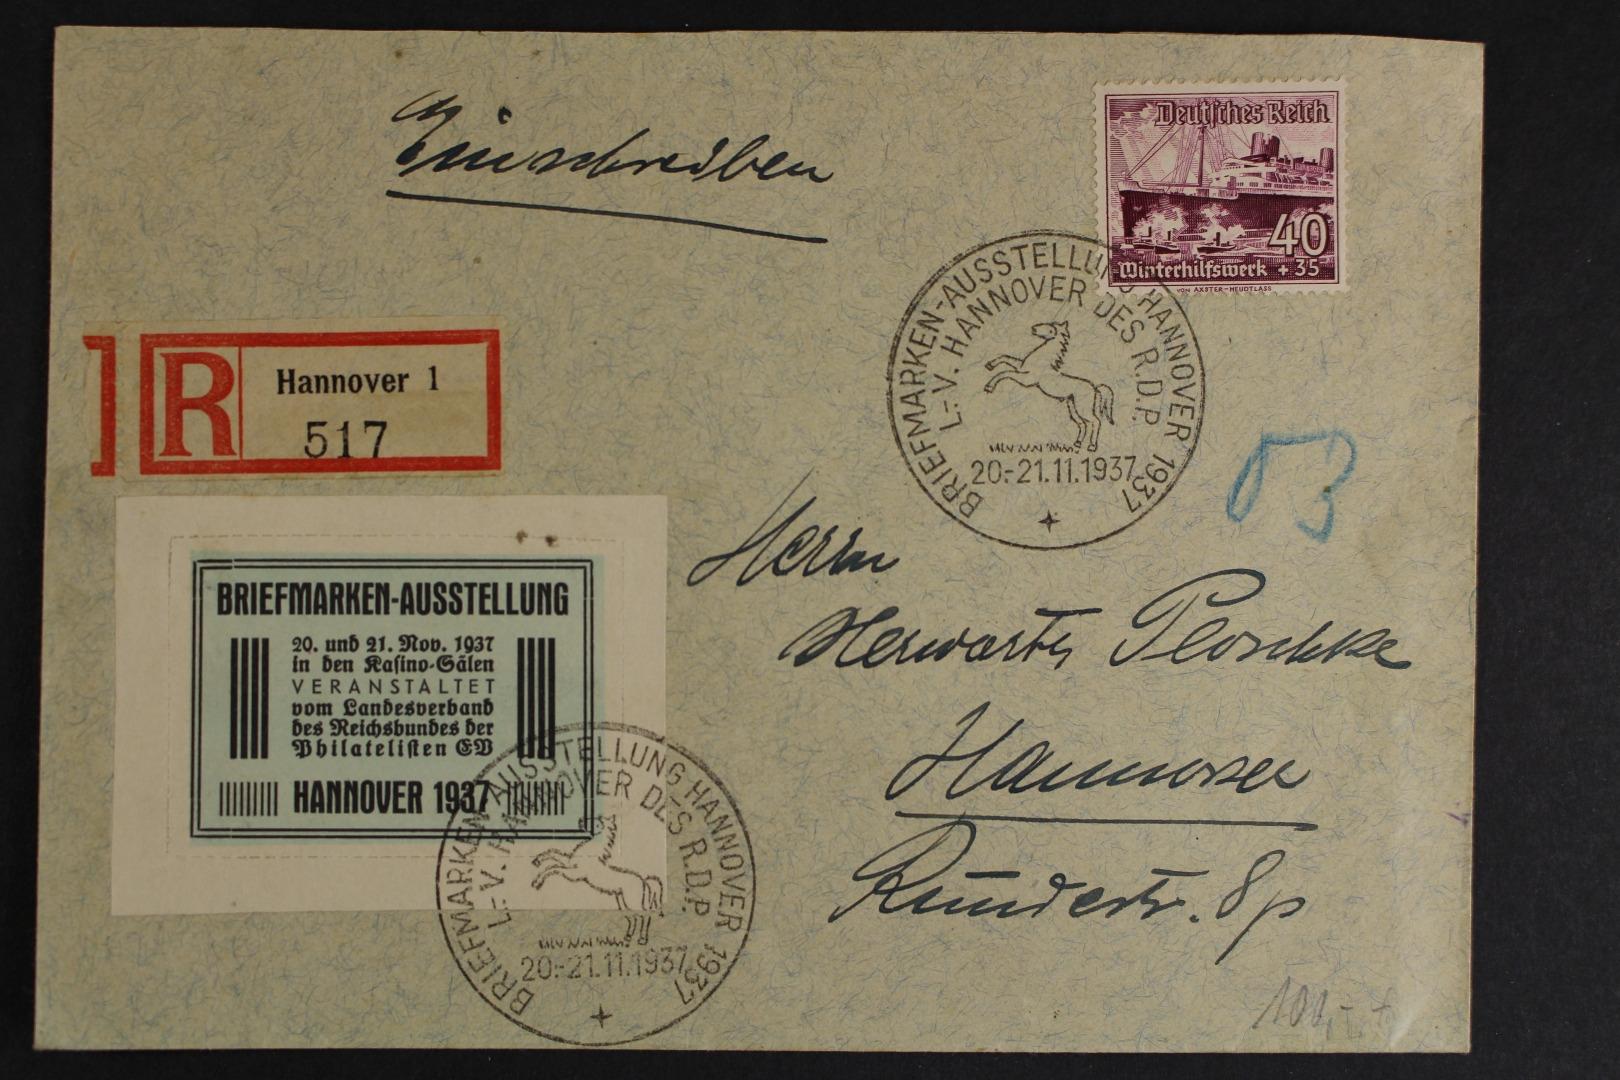 Deutsches Reich Minr 659 Y Unterfrankierter R Brief Briefmarken